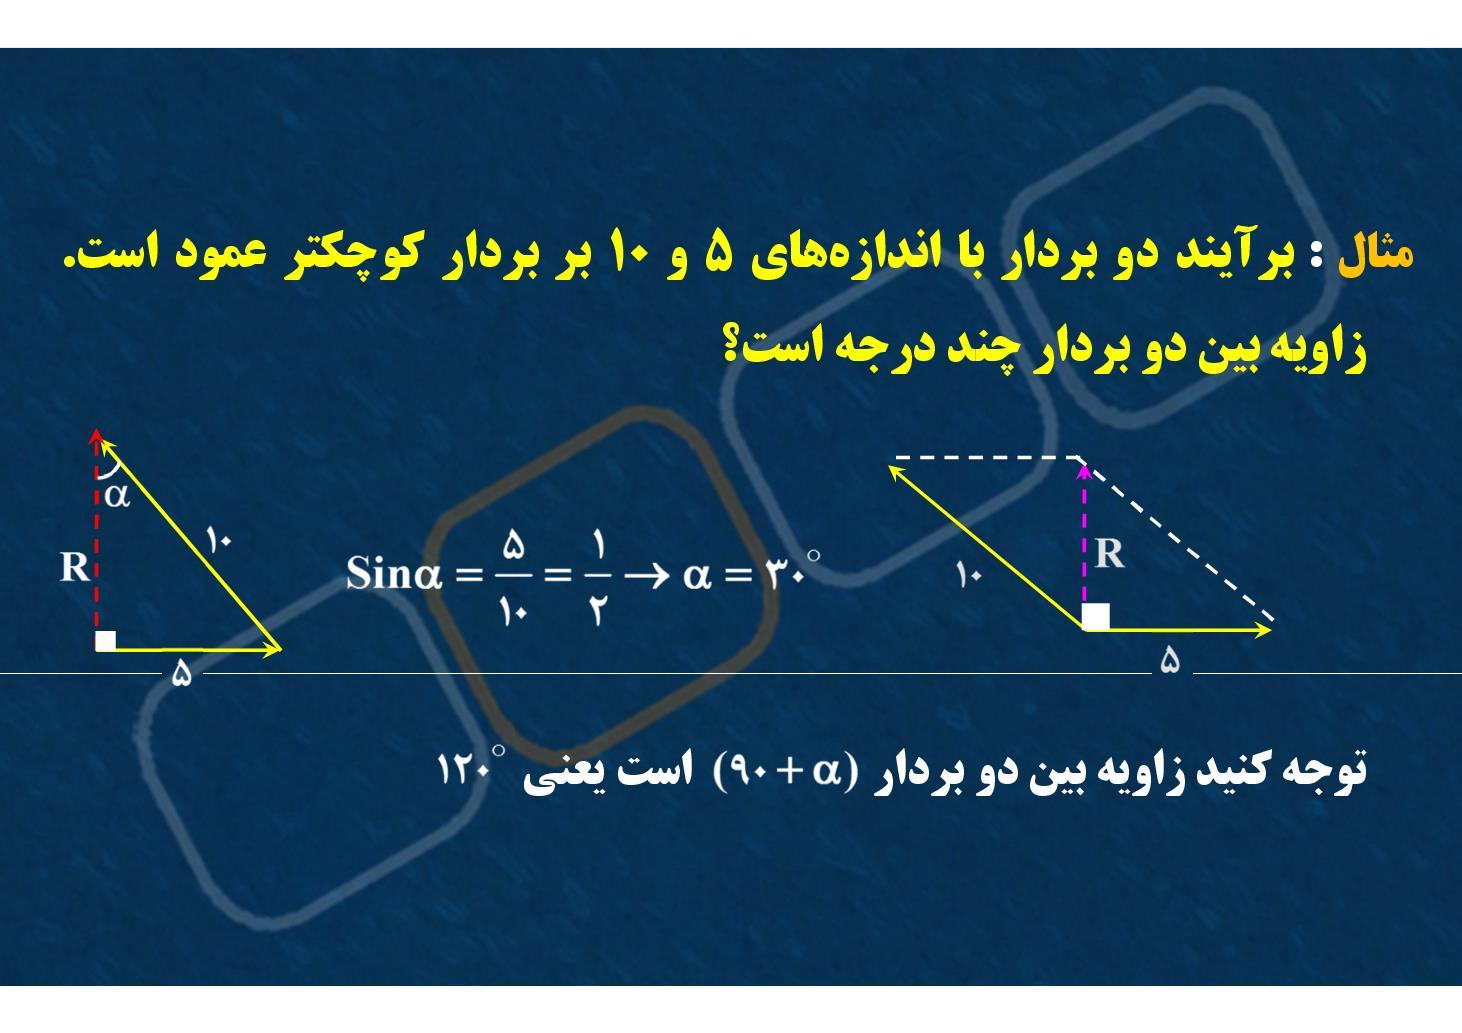 فیزیک٢- فصل ١- جمع بردارها- برآیندگیری- بخش ۶ (PDF)